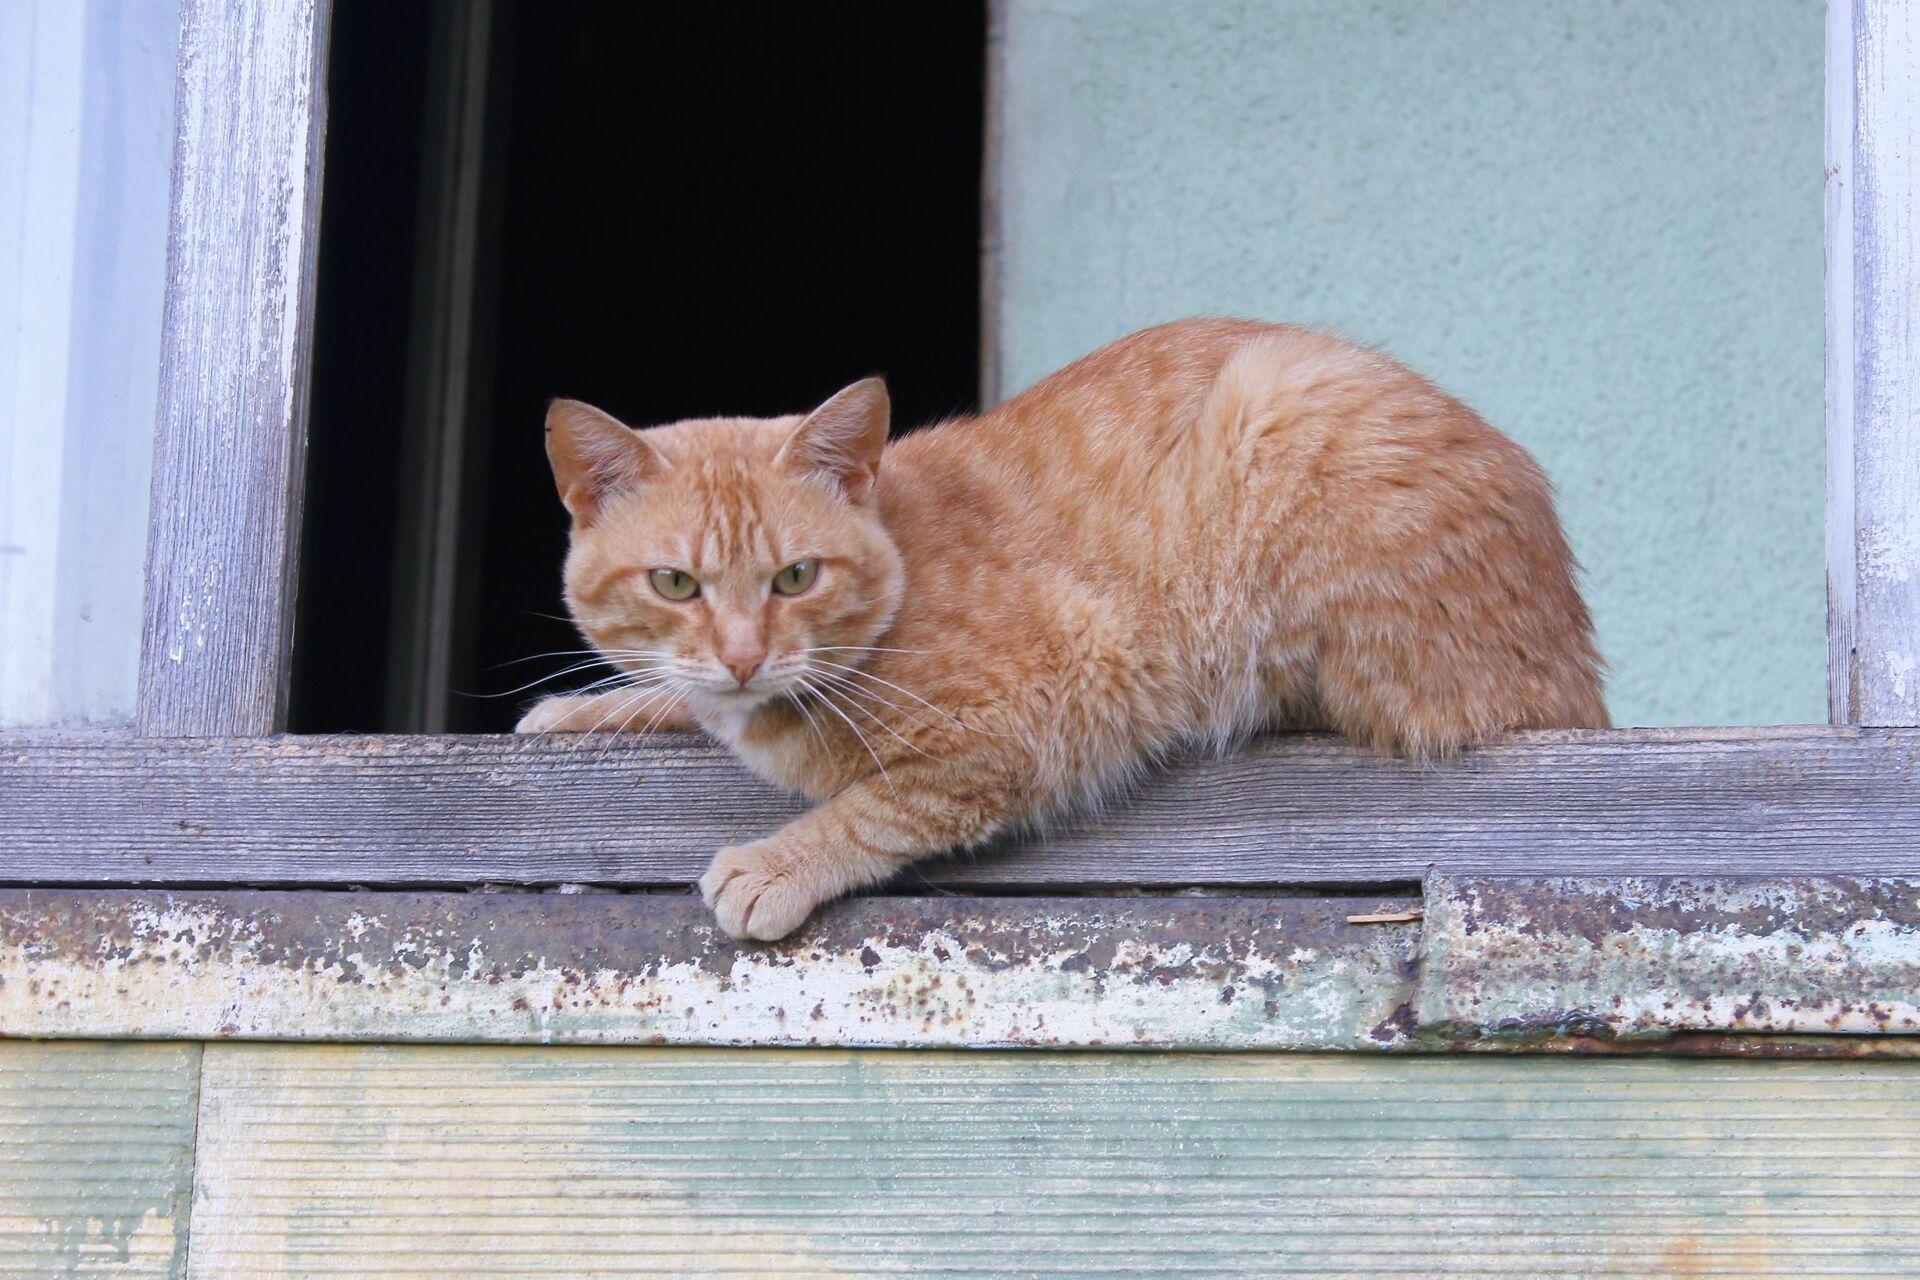 17 febbraio – giornata nazionale del gatto, perché si celebra e perché proprio oggi - Sputnik Italia, 1920, 17.02.2021